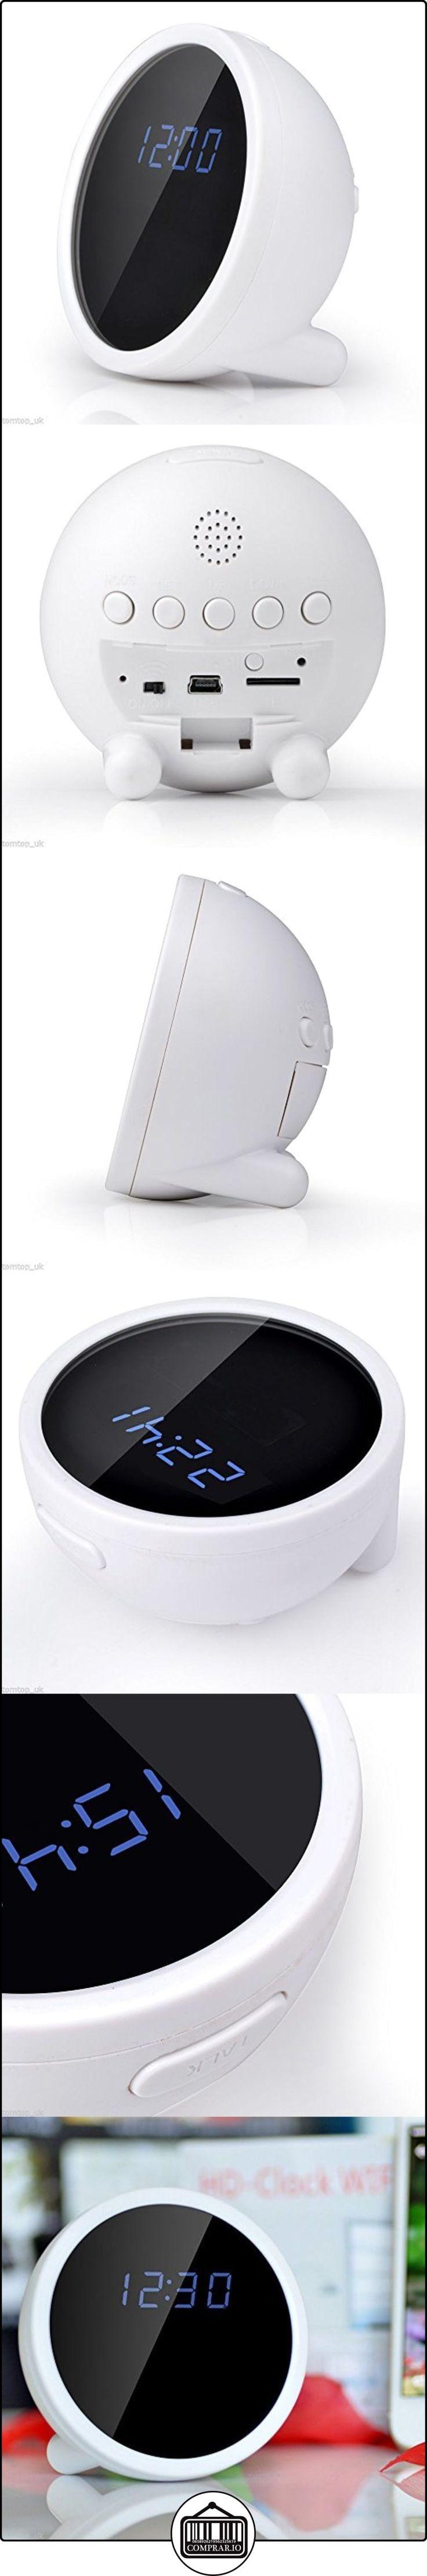 Mengshen® Tecnología elegante P2P WiFi IP 1280x720P HD 160 Amplio Ángulo de reloj del agujero de alfiler cámara oculta DVR videocámara de detección de movimiento, vista remota en tiempo real de vídeo para PC Smartphone MS-WH11  ✿ Vigilabebés - Seguridad ✿ ▬► Ver oferta: http://comprar.io/goto/B01DLZ1DCE